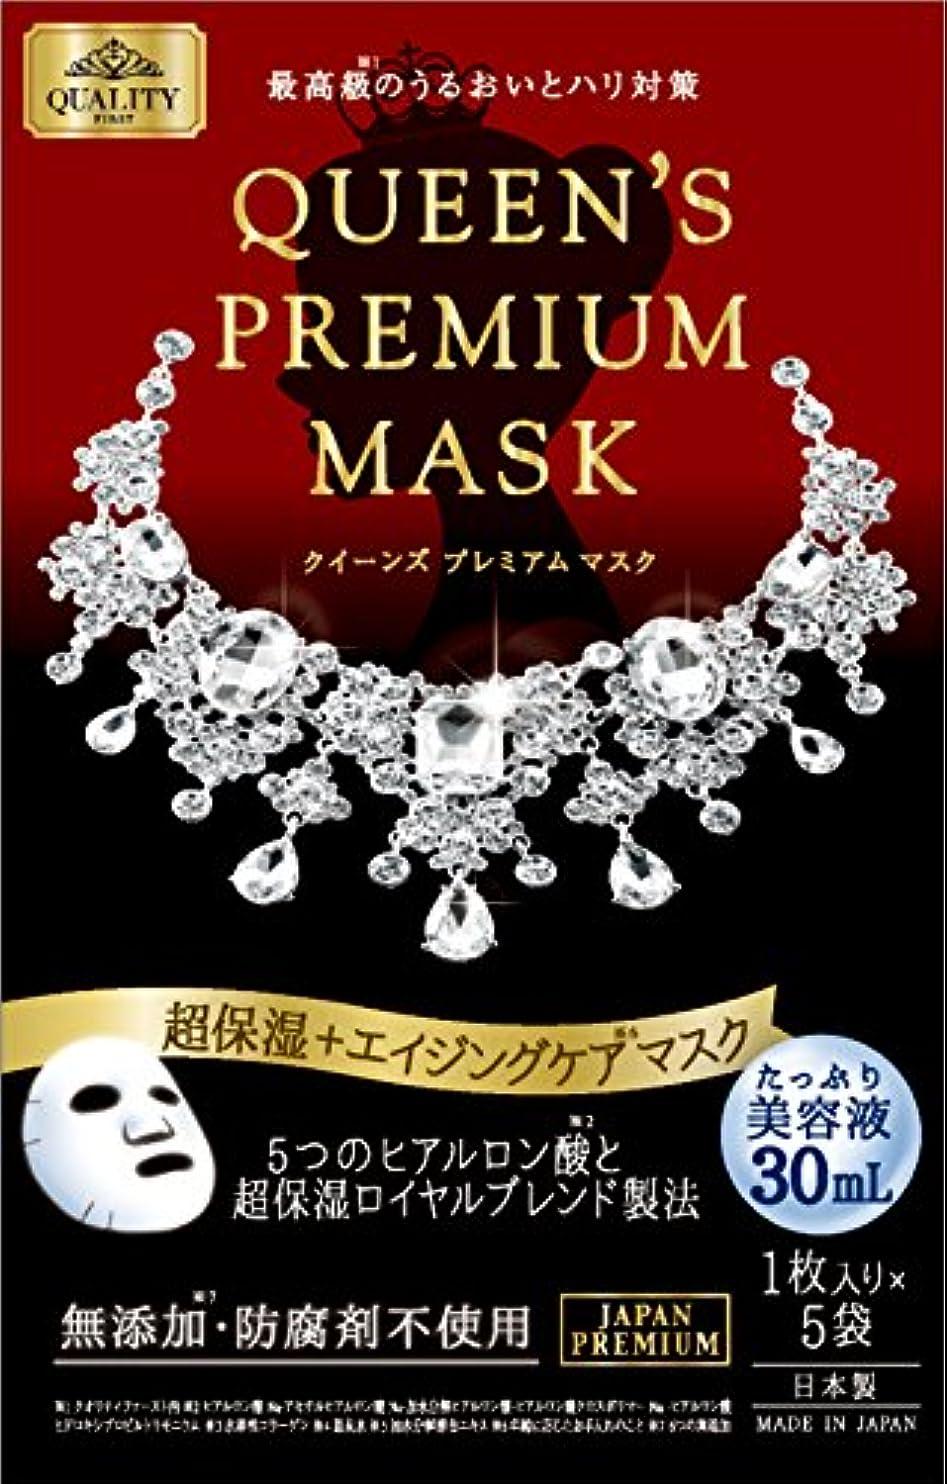 パイント袋怠感クイーンズプレミアムマスク 超保湿マスク 5枚入